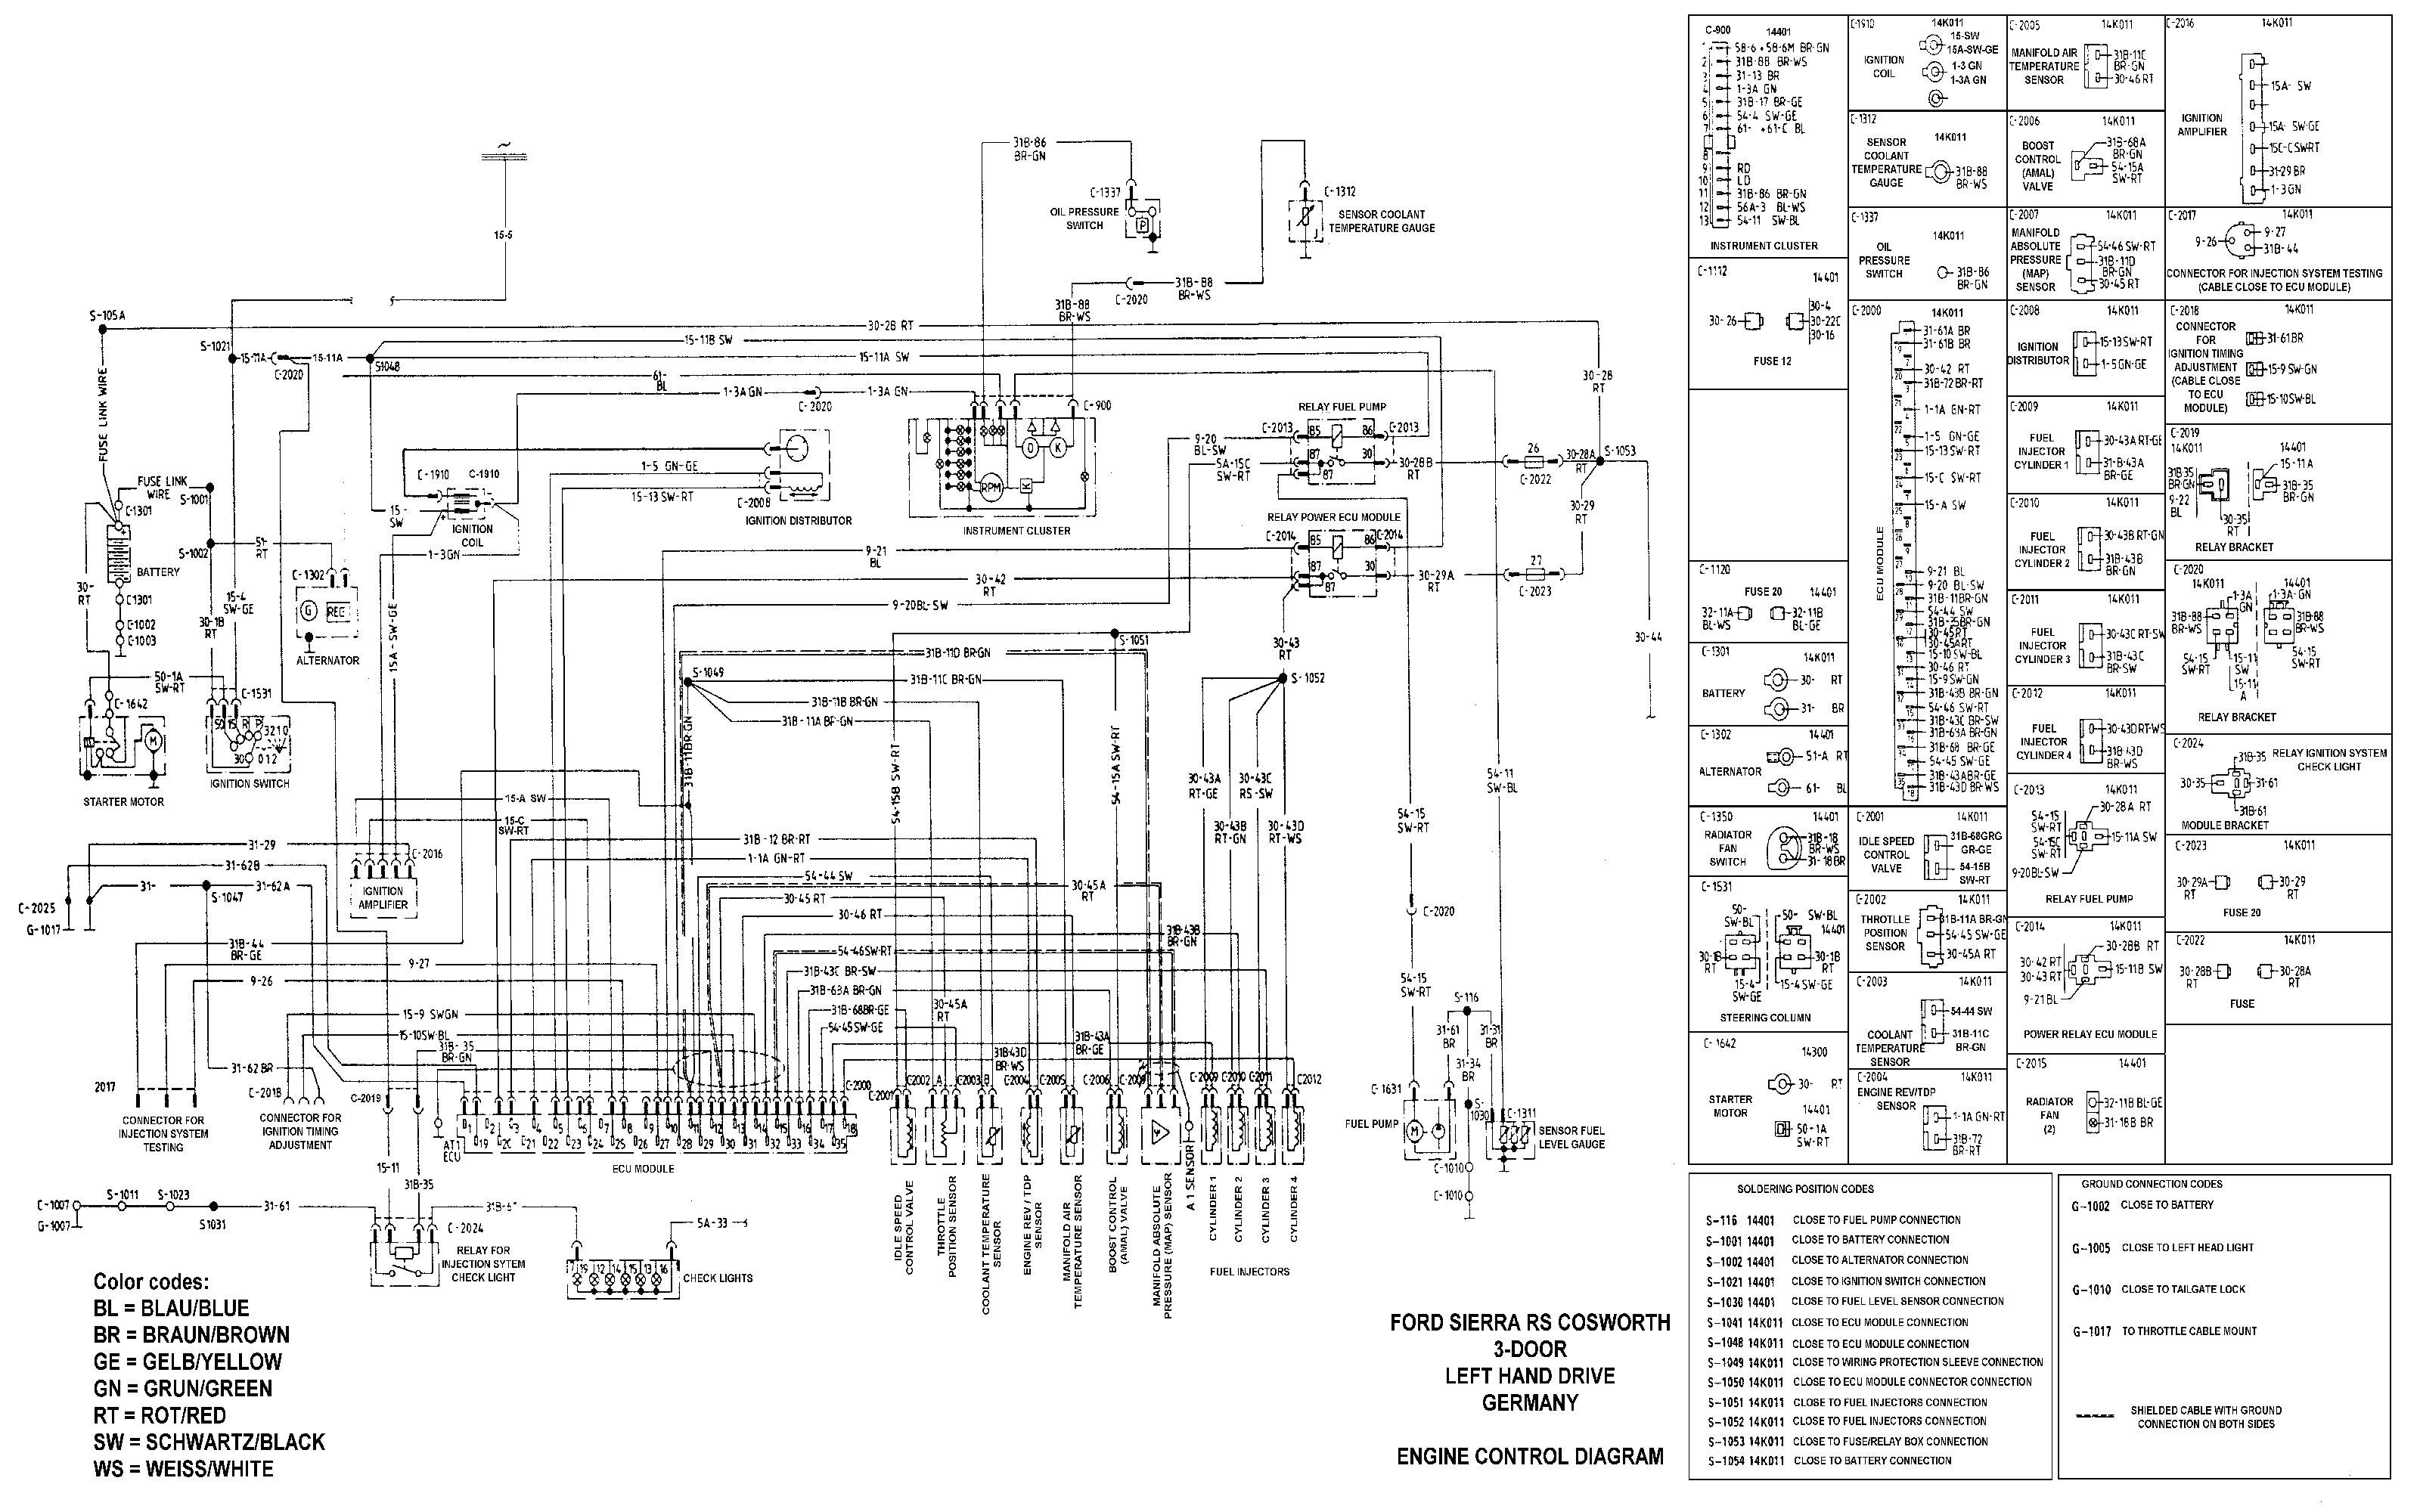 ford mondeo engine diagram 2000 ford focus o2 sensor wiring diagram and ford focus mk2 wiring of ford mondeo engine diagram jpg